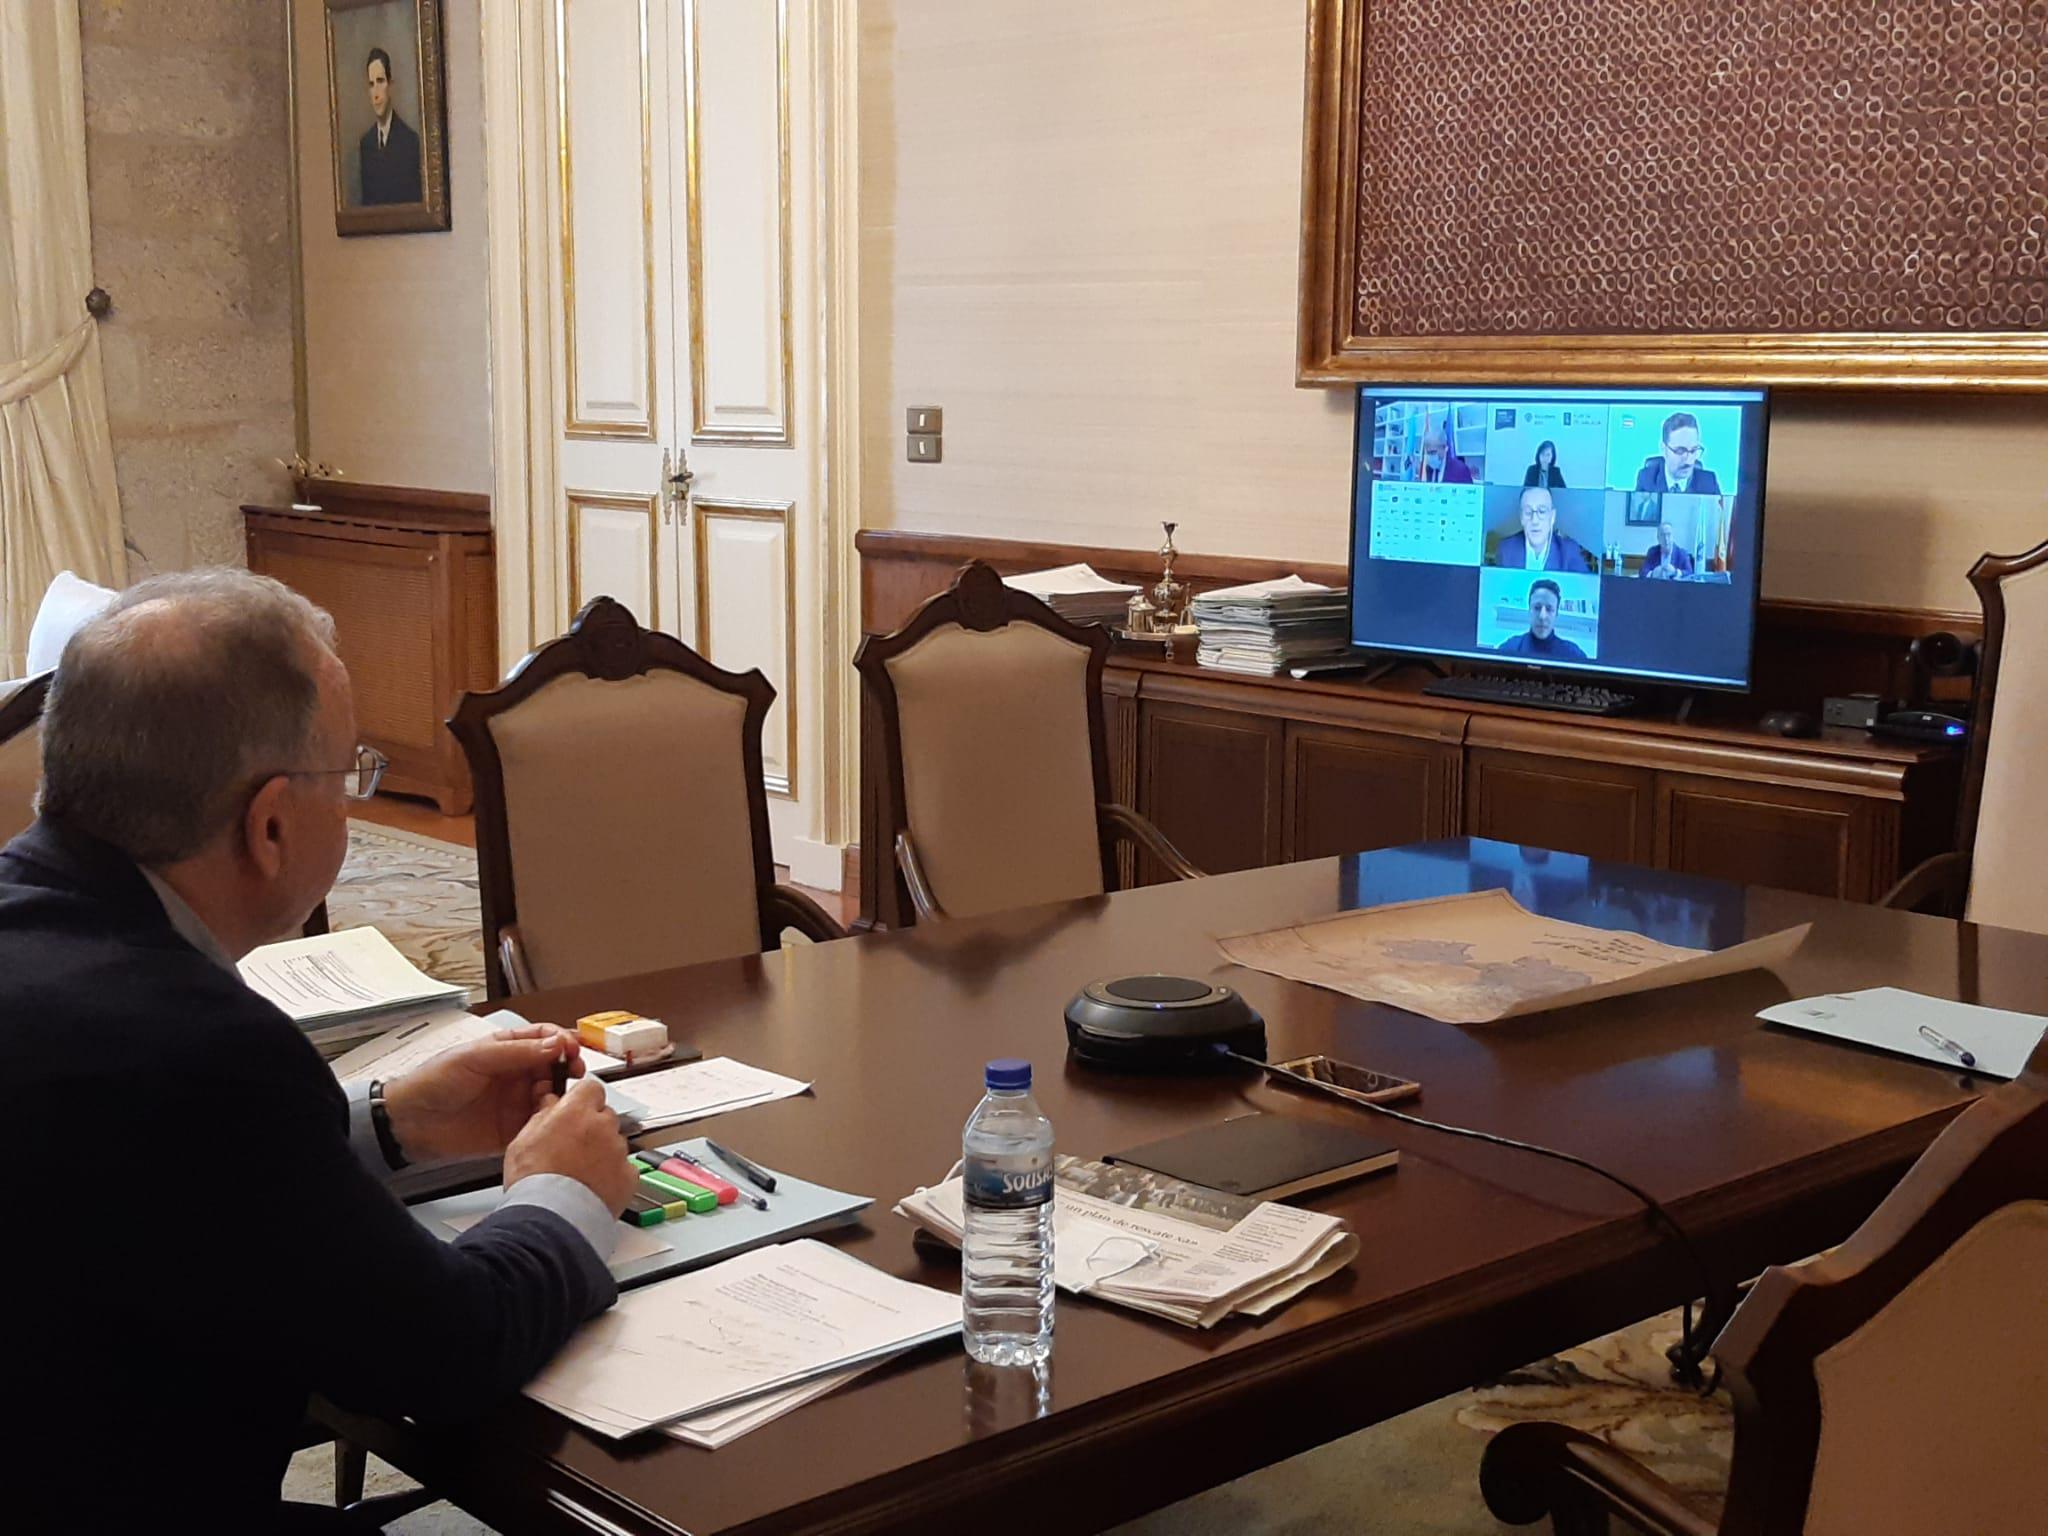 Sánchez Bugallo reivindica a aposta de Santiago pola innovación e as novas tecnoloxías, dous elementos clave que definirán o futuro despois da crise sanitaria